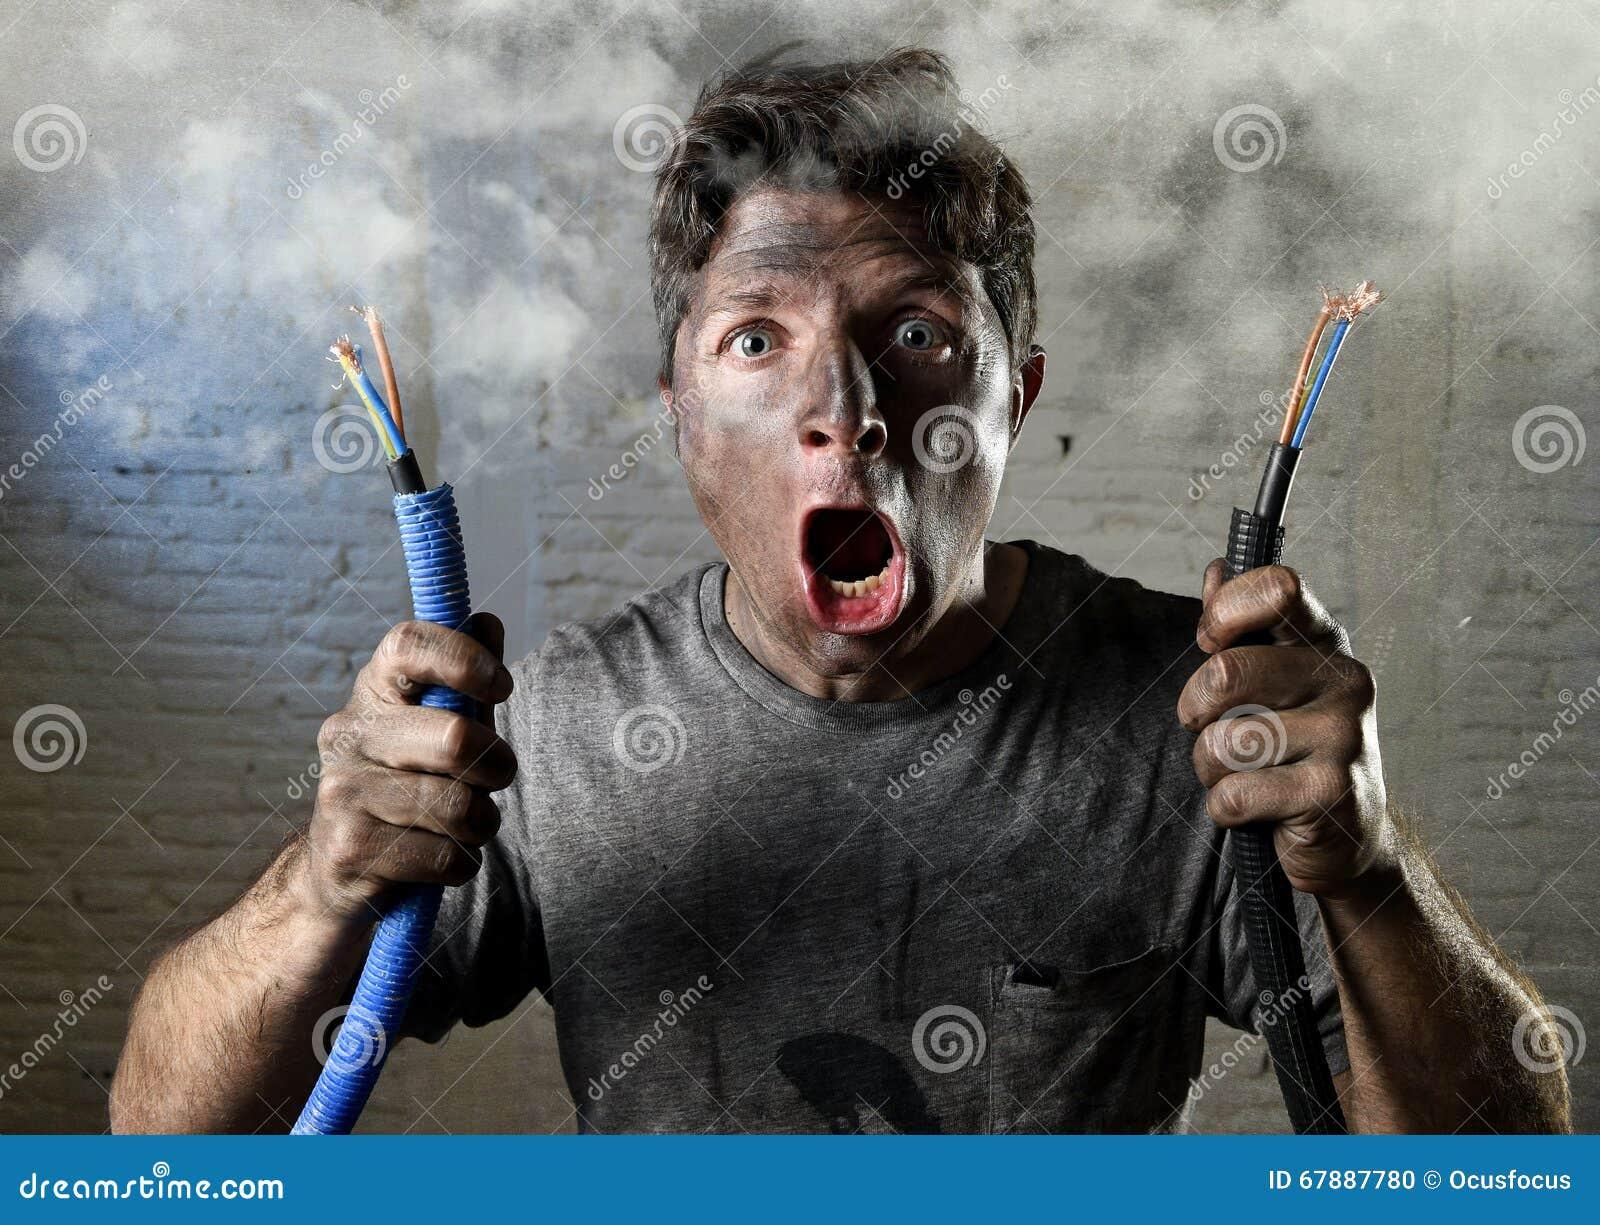 加入电缆的未受训练的人遭受与肮脏的被烧的面孔的电子事故在滑稽的震动表示